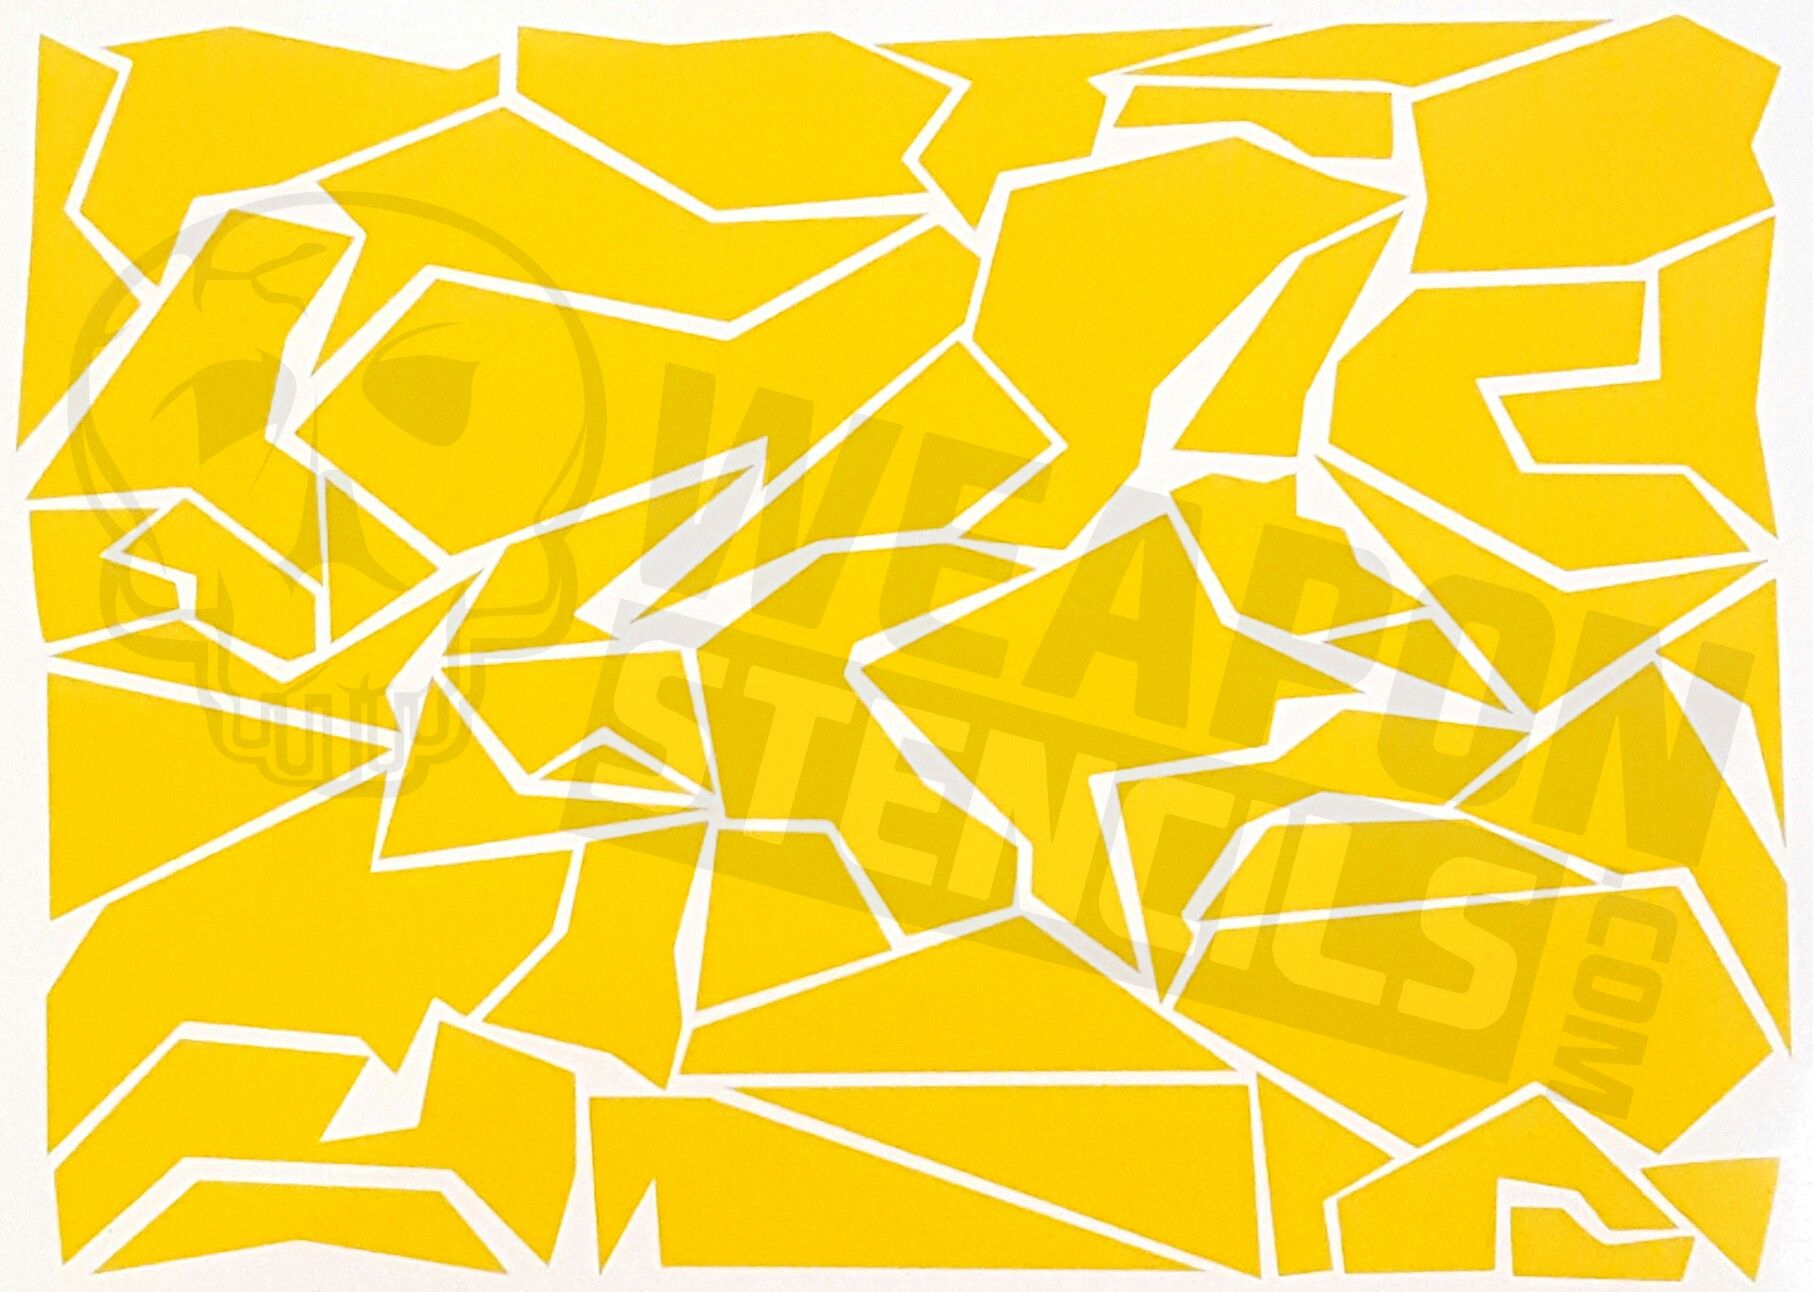 image relating to Printable Camo Stencils identify Splinter Camo Camo Recommendations Camo Stencil, Adhesive Stencils